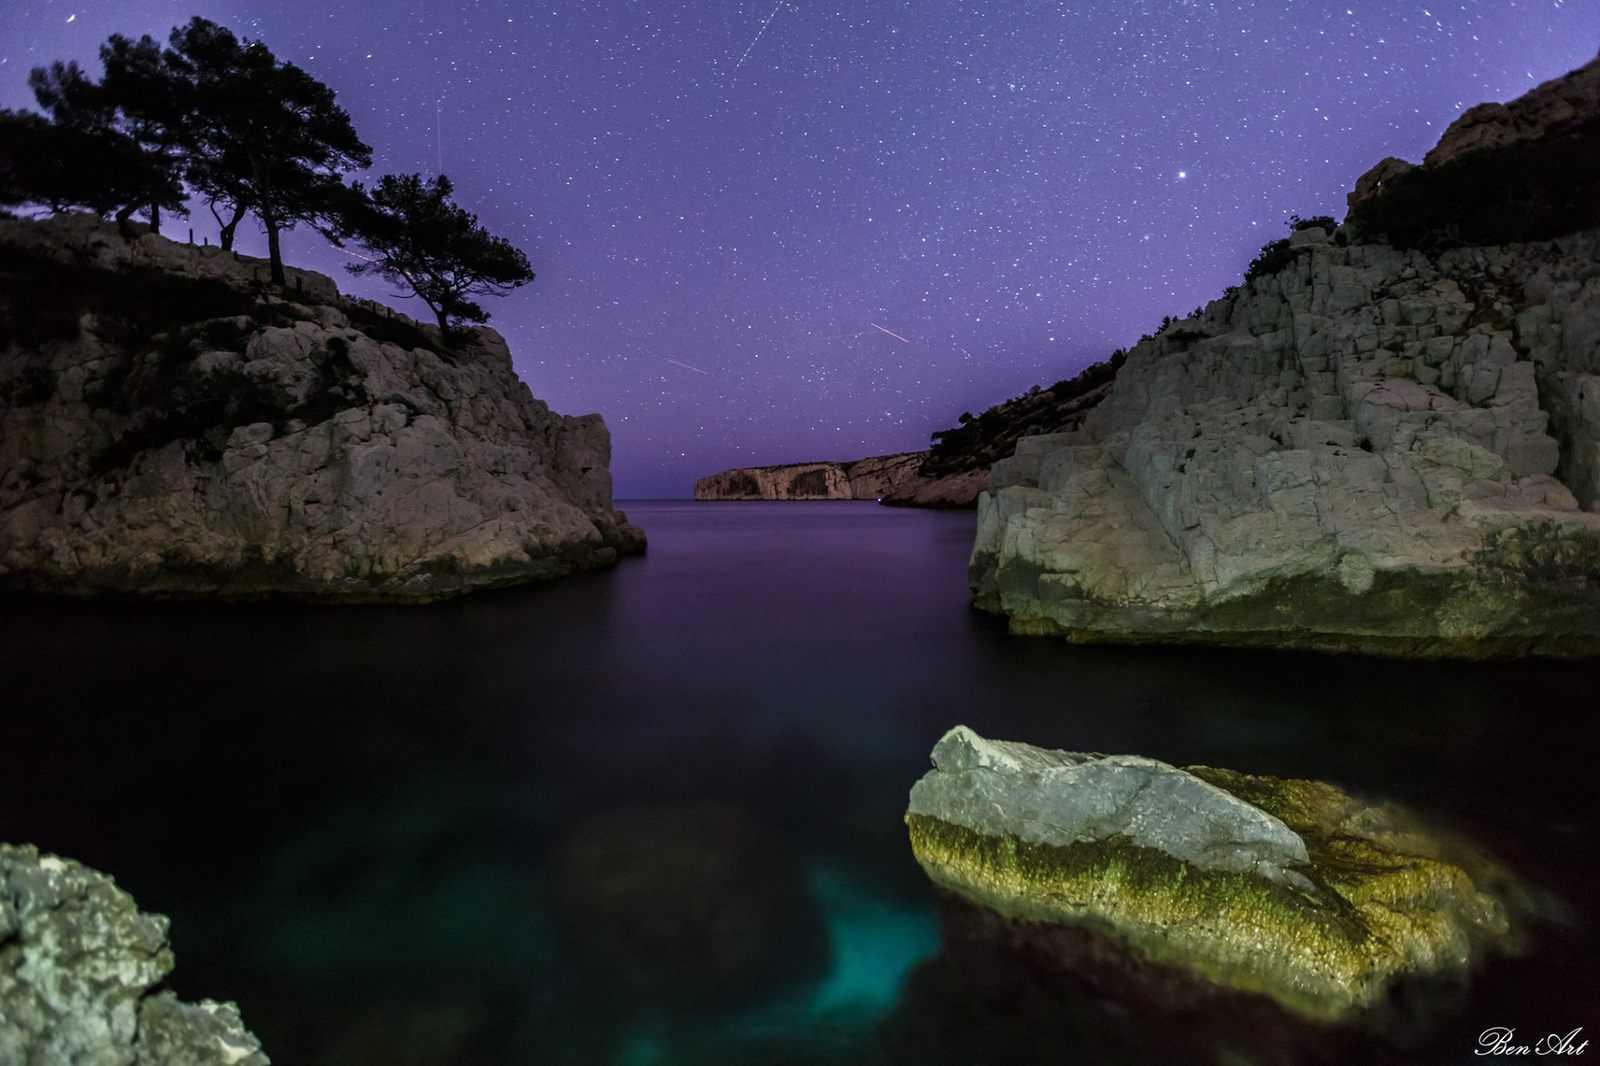 calanque-sugiton-photo-nuit-etoile